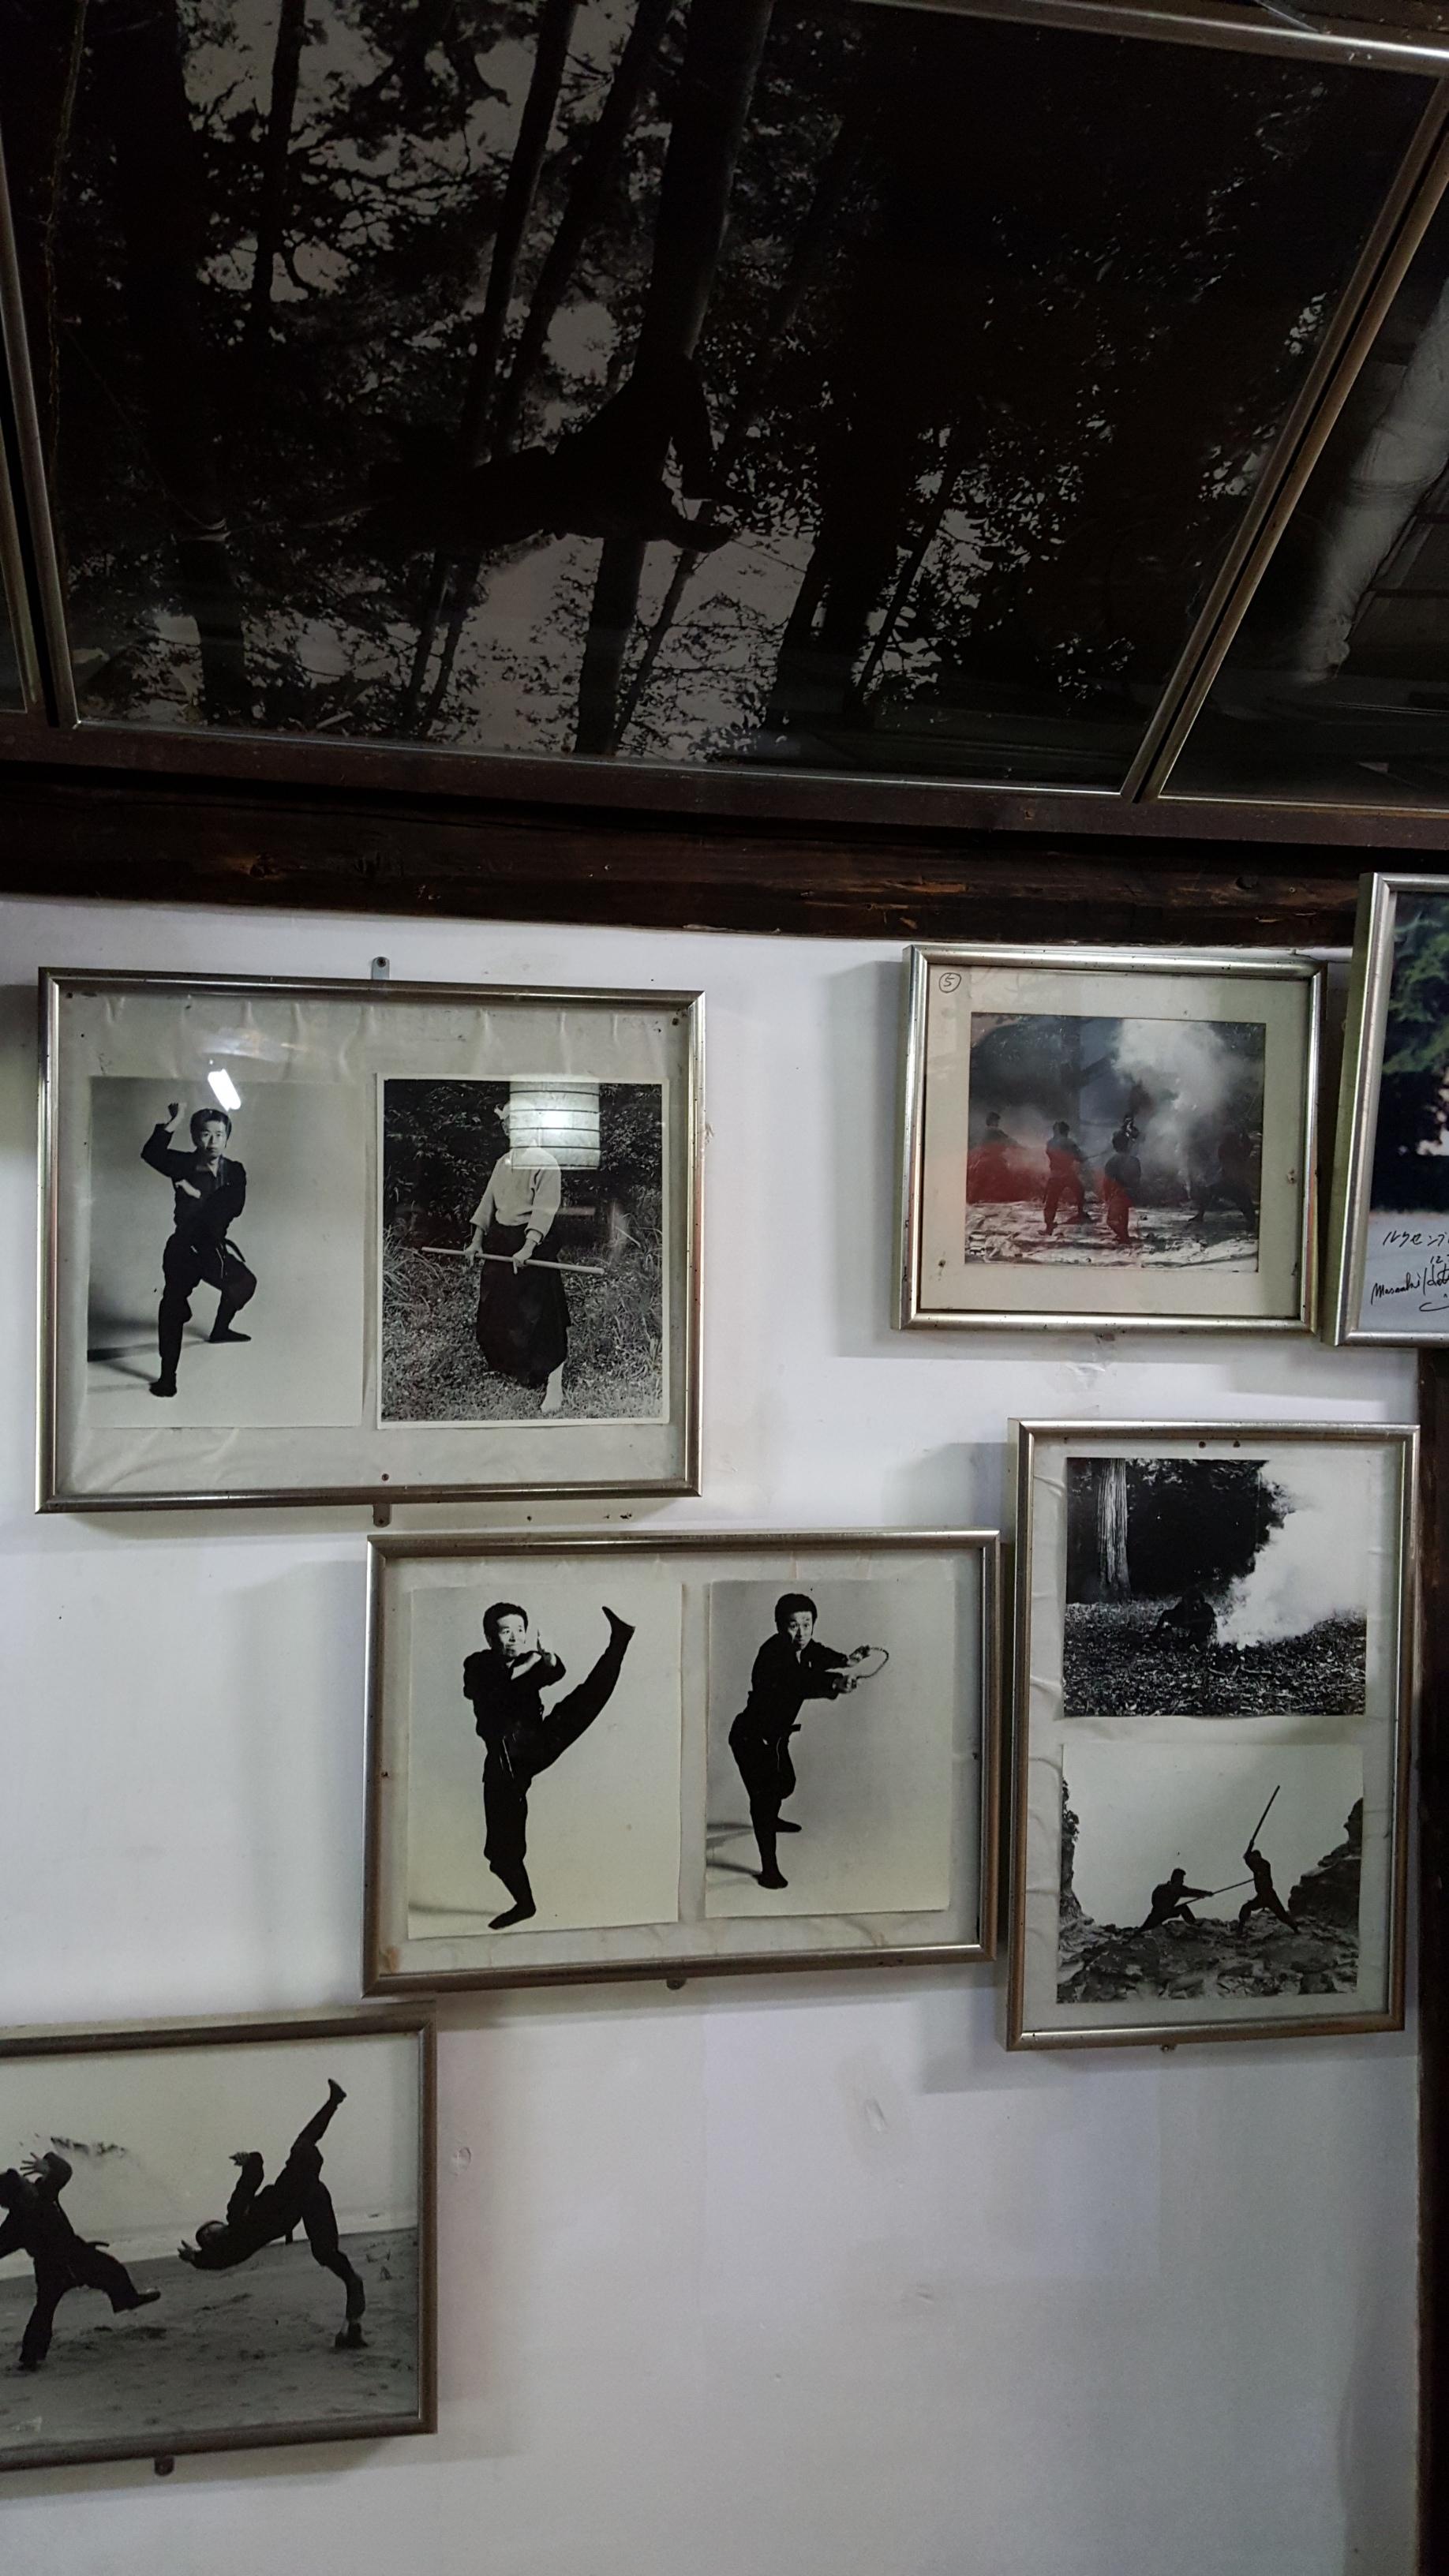 Ninja pictures